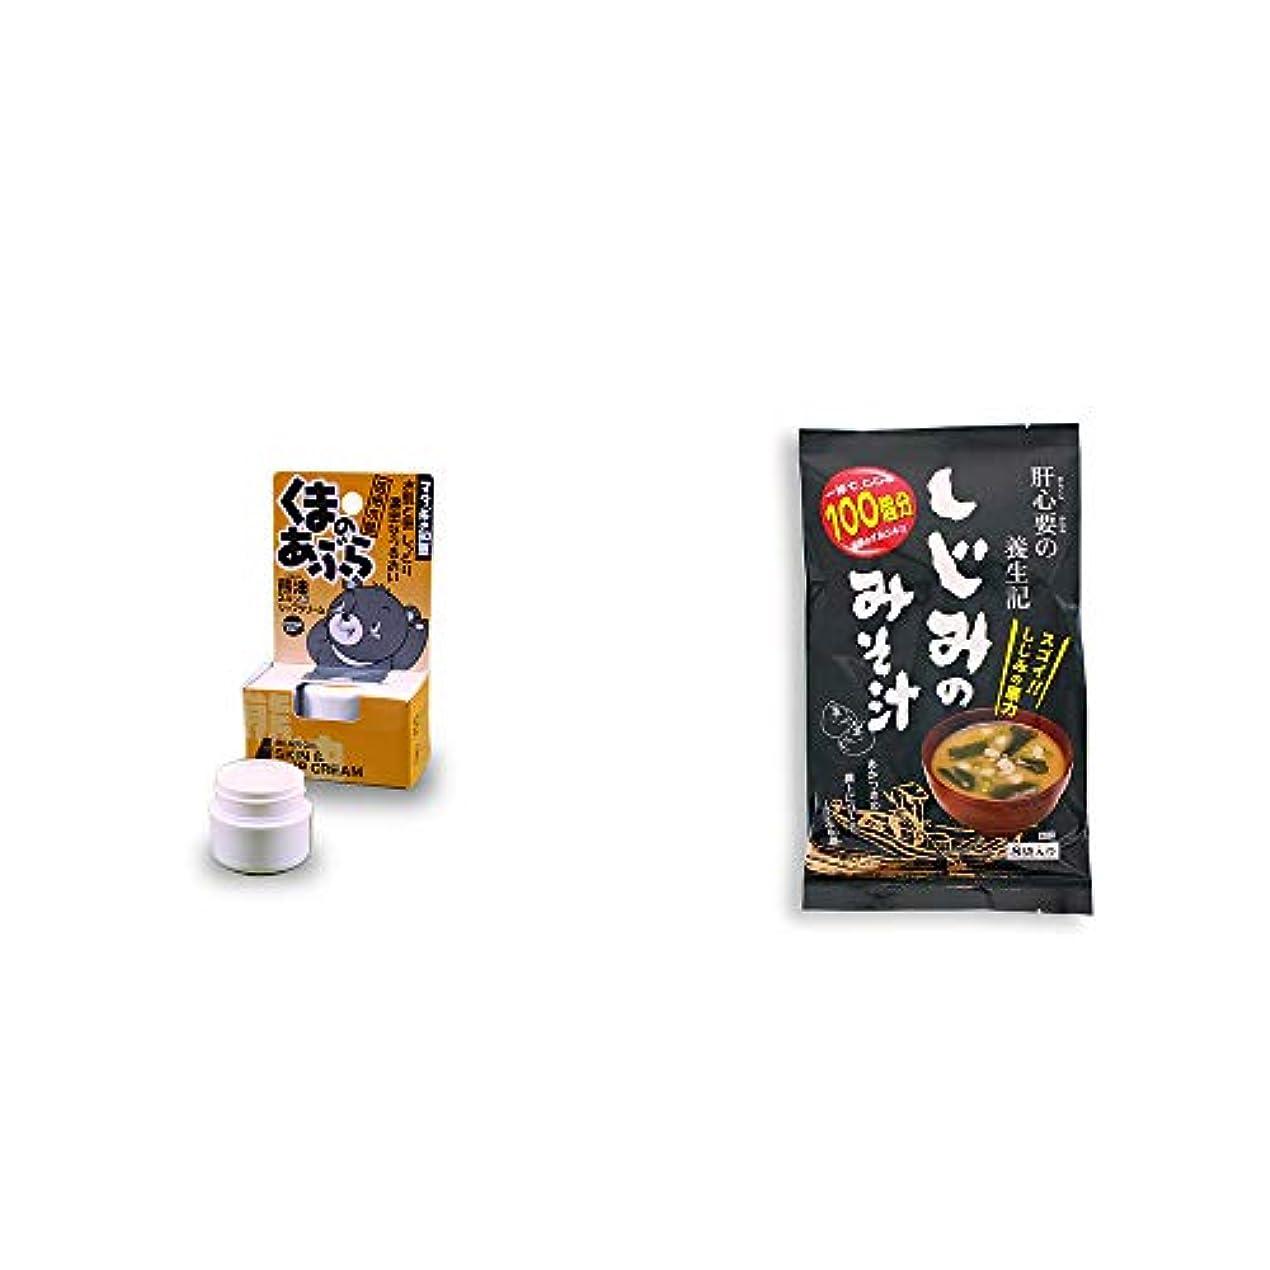 ホバー特徴づけるしない[2点セット] 信州木曽 くまのあぶら 熊油スキン&リップクリーム(9g)?肝心要の養生記 しじみのみそ汁(56g(7g×8袋))